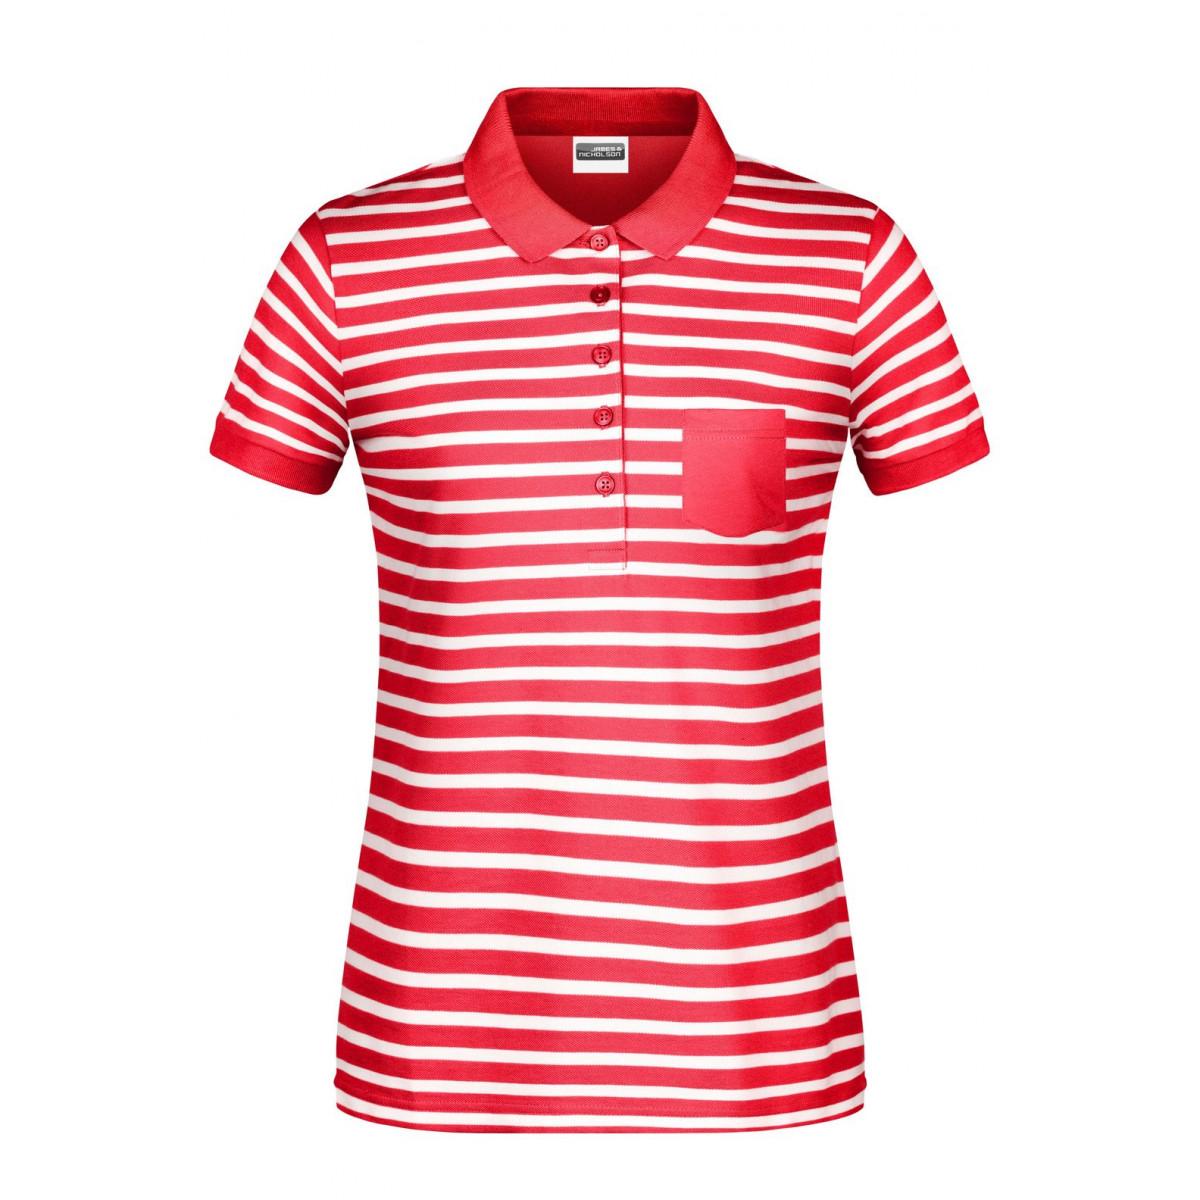 Рубашка поло женская 8029 Ladies Polo Striped - Красный/Белый